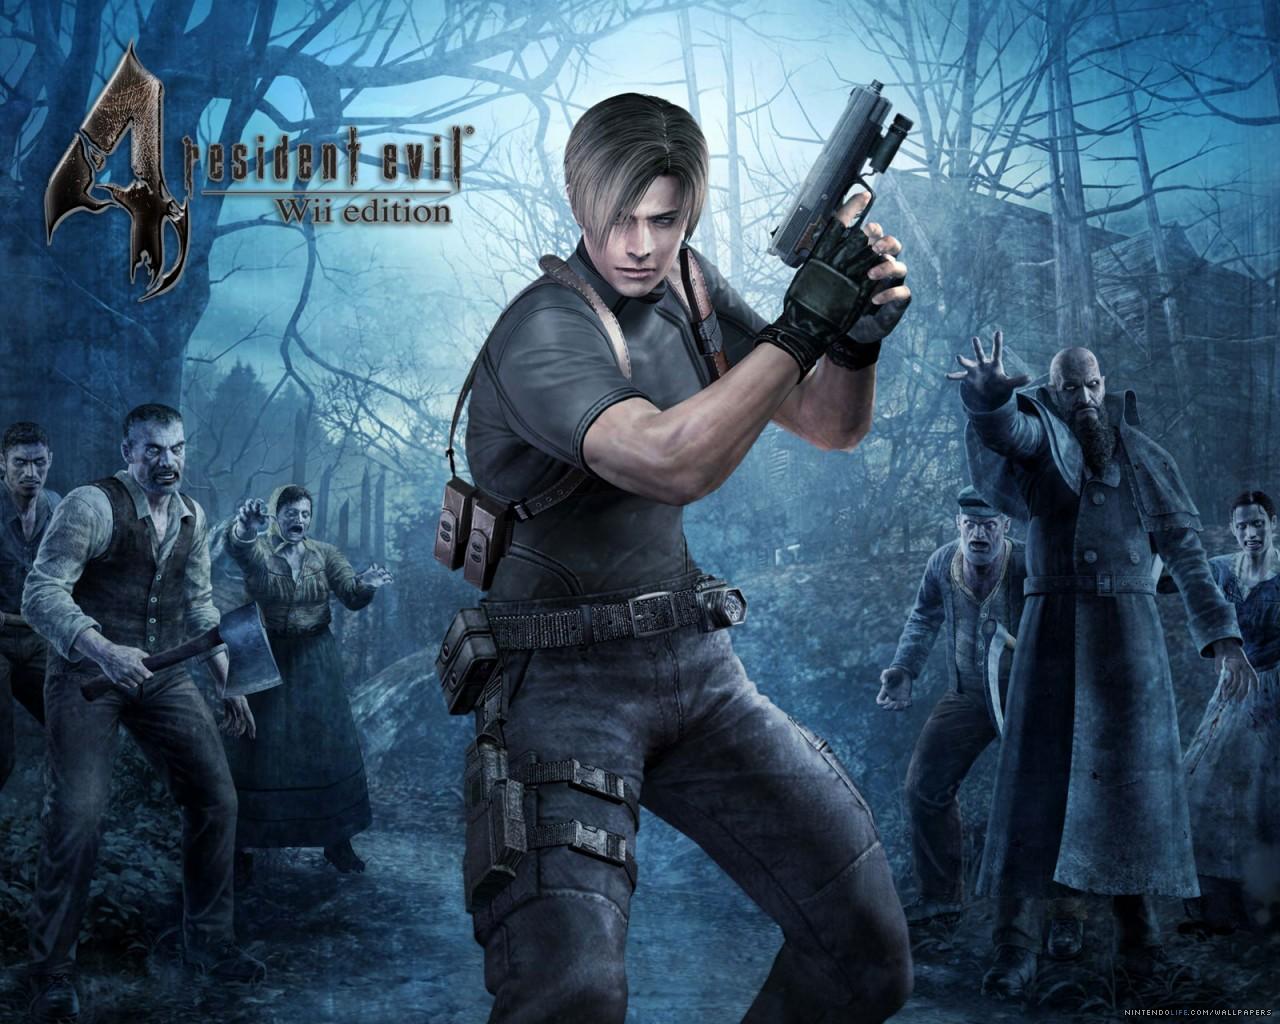 Wallpapers De Resident Evil 4 Imágenes En Taringa